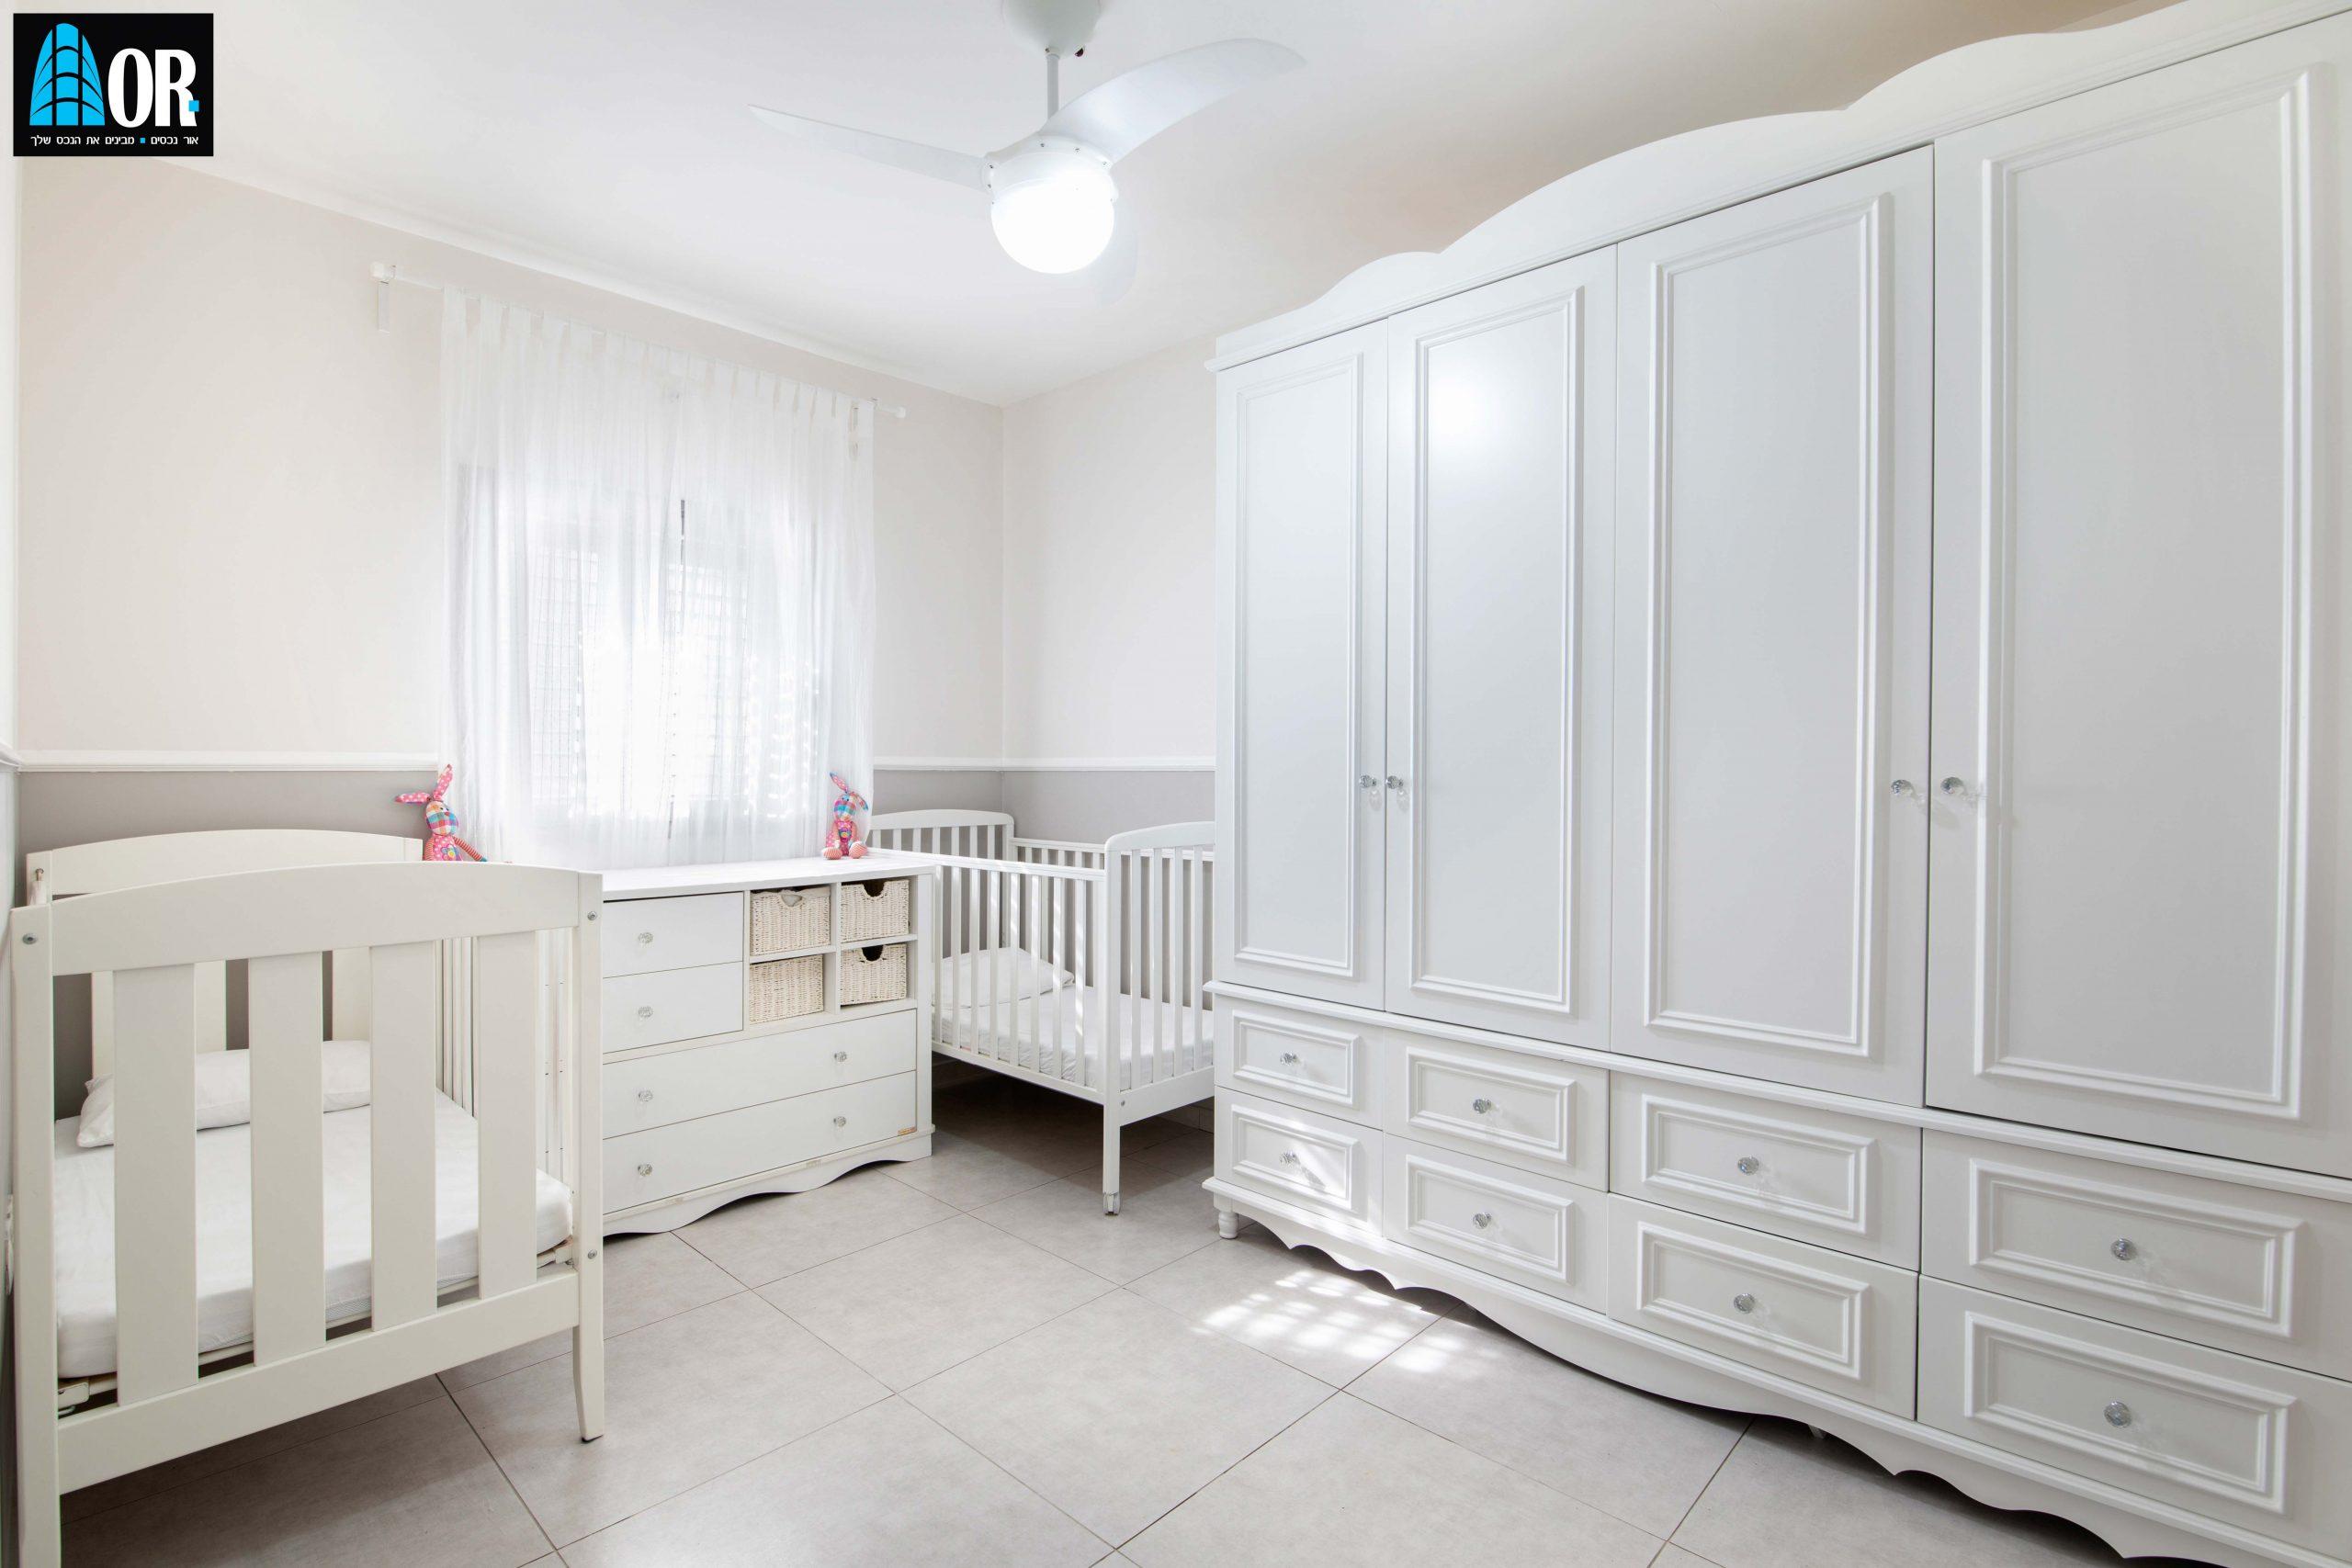 חדר ילדים למכירה דירה 5 חדרים, שכונה צמרות